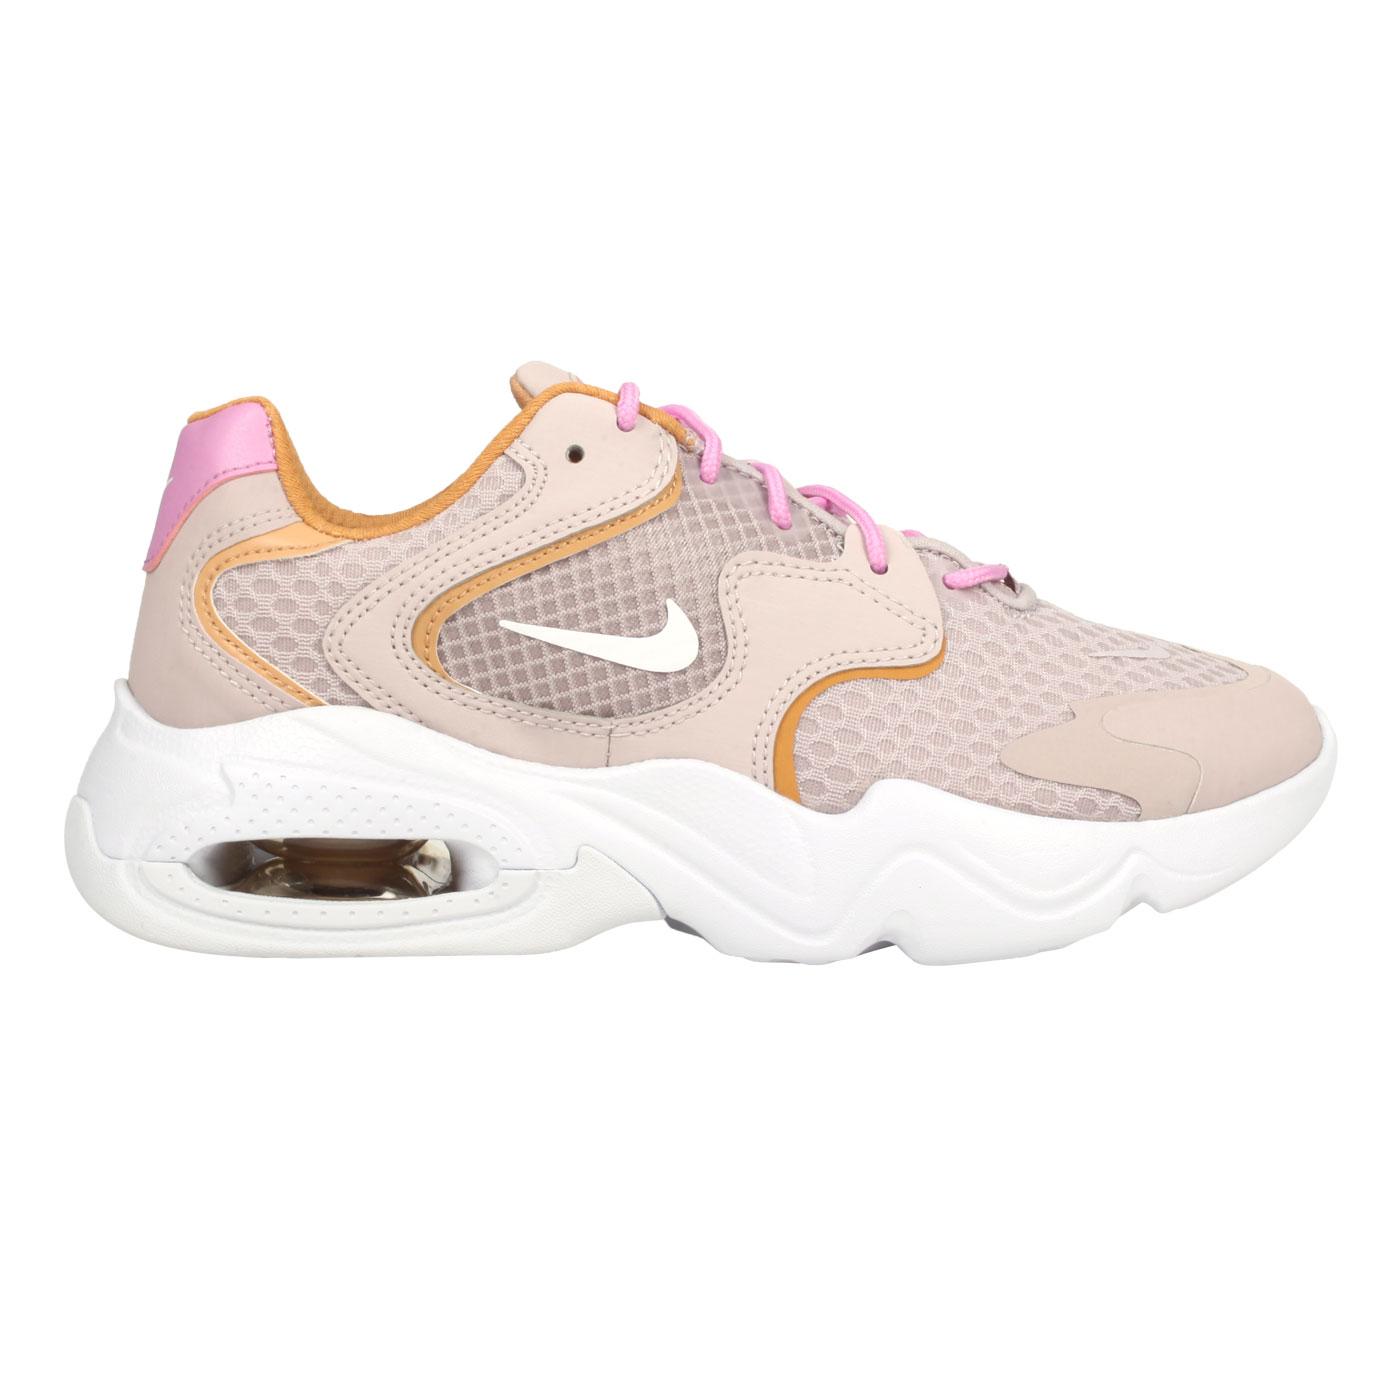 NIKE 女款休閒運動鞋  @Air Max 2X@CK2947003 - 藕粉白土黃